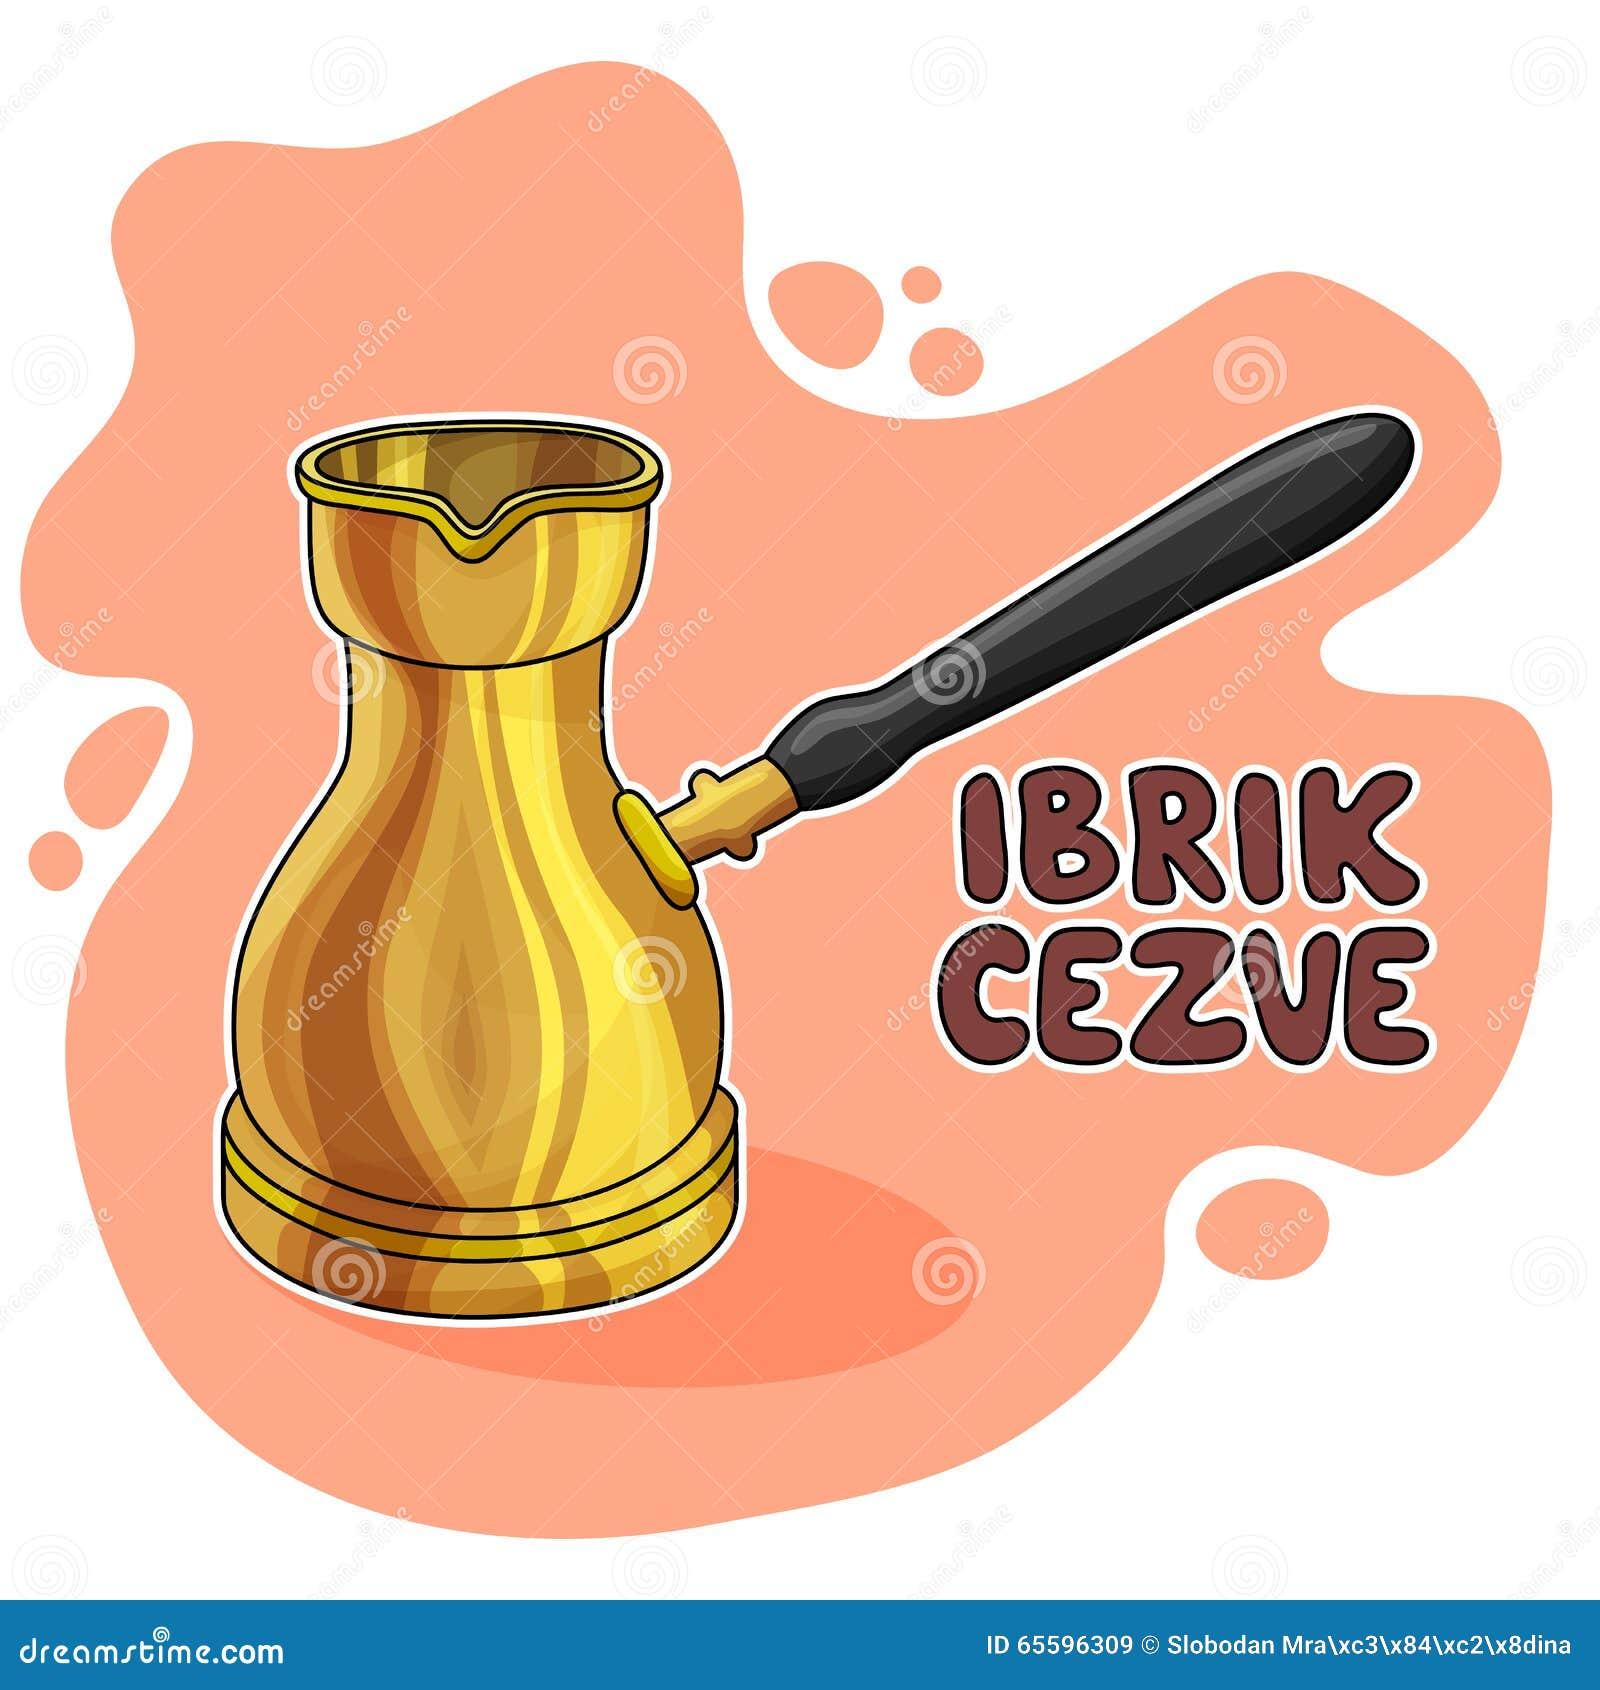 Ilustração de Ibrik Cezve